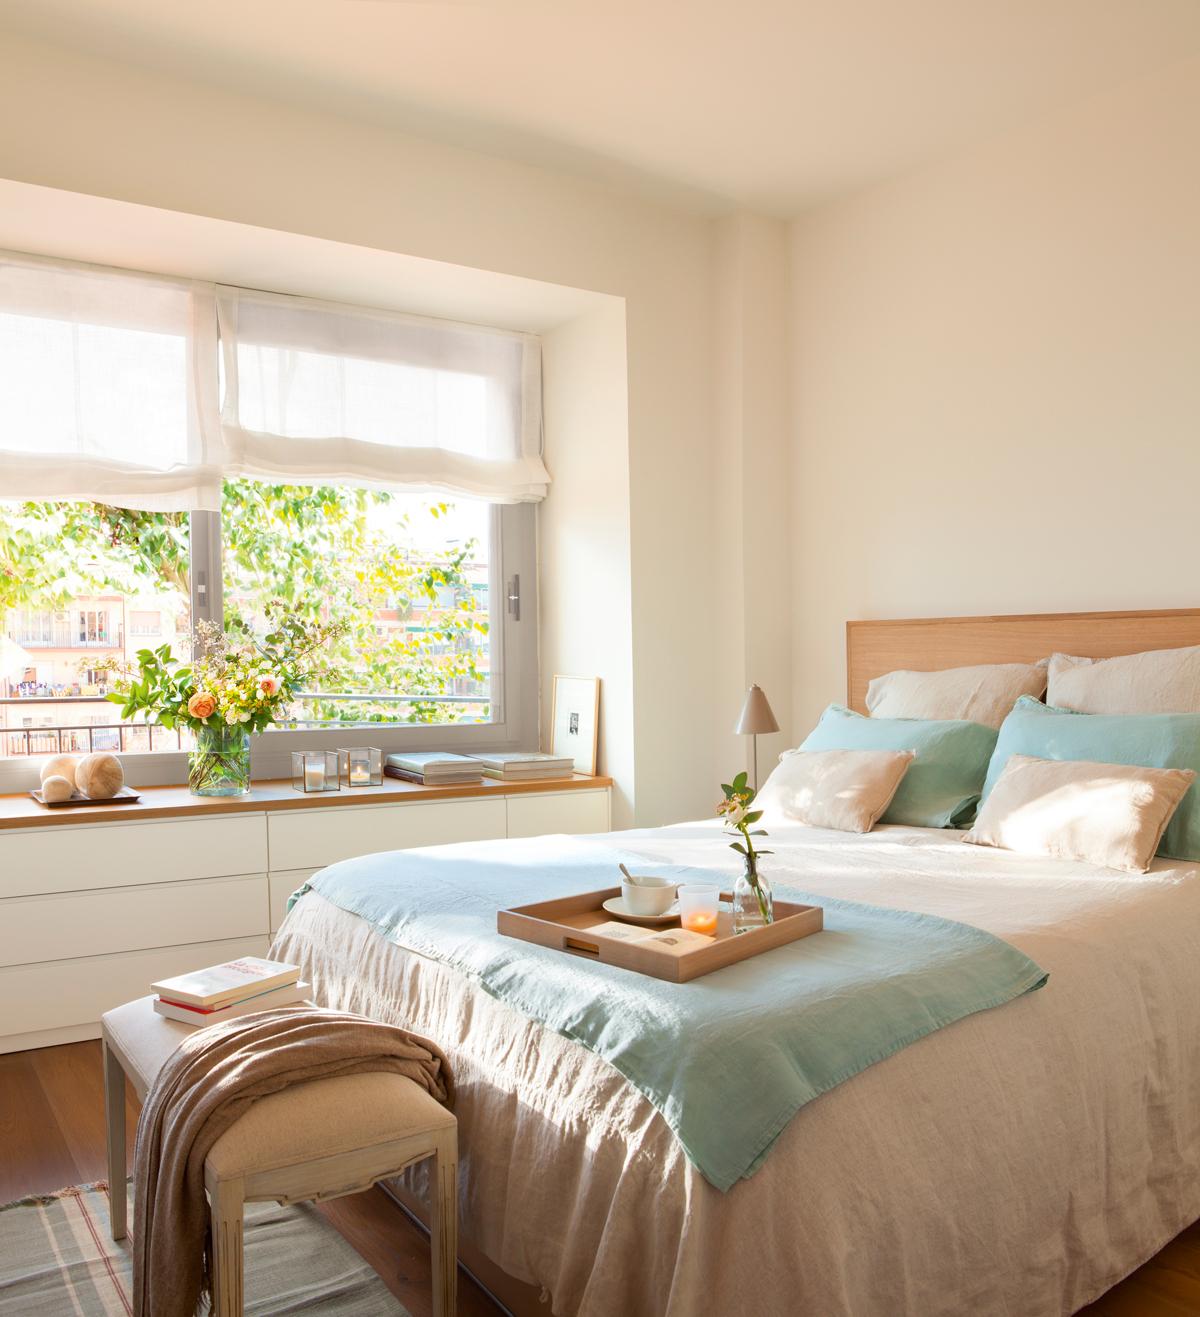 Dormitorios en blanco y madera for Camas blancas de madera